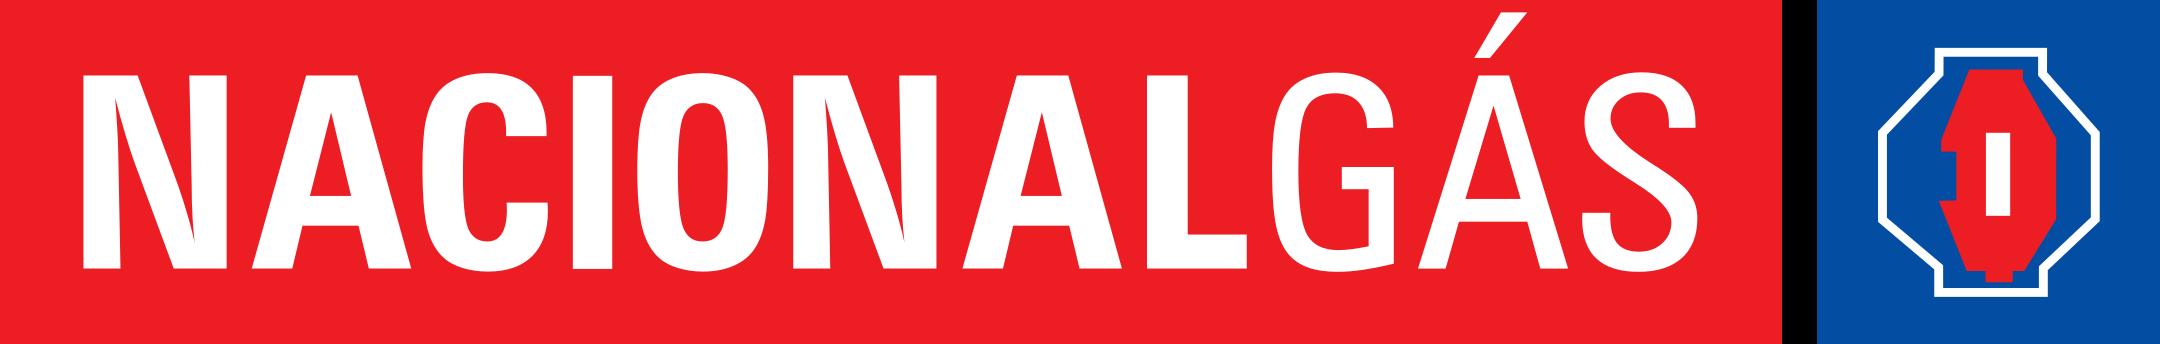 nacional gas logo 1 - Nacional Gás Logo